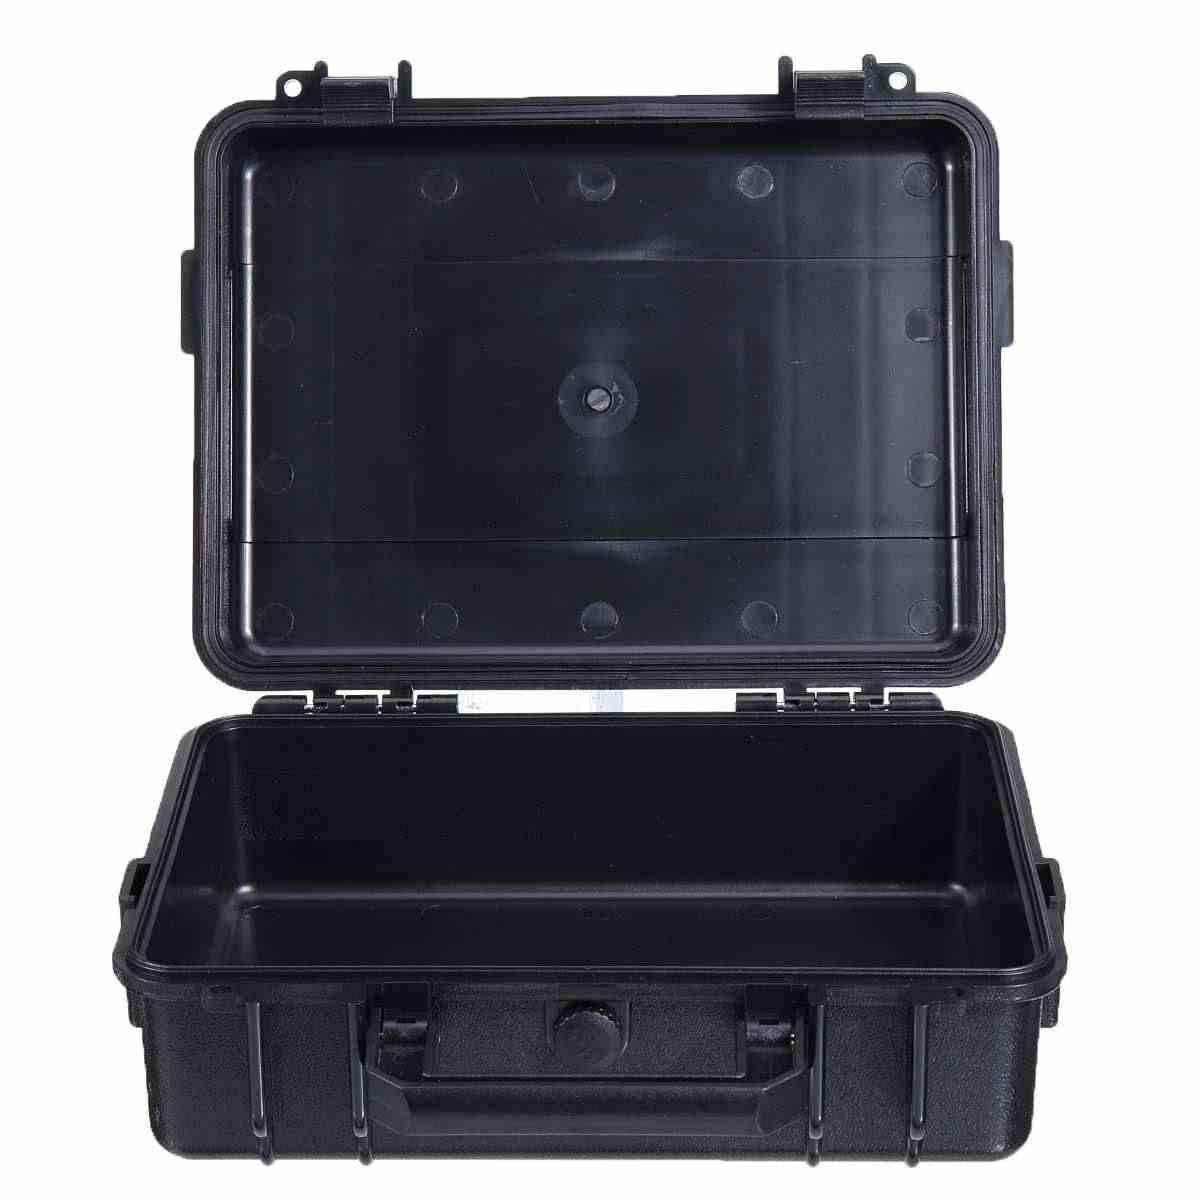 Taşınabilir su geçirmez güvenlik ABS plastik alet setleri saklama kutusu açık sert taşıma çantası darbeye dayanıklı donanım araç kutusu çantası